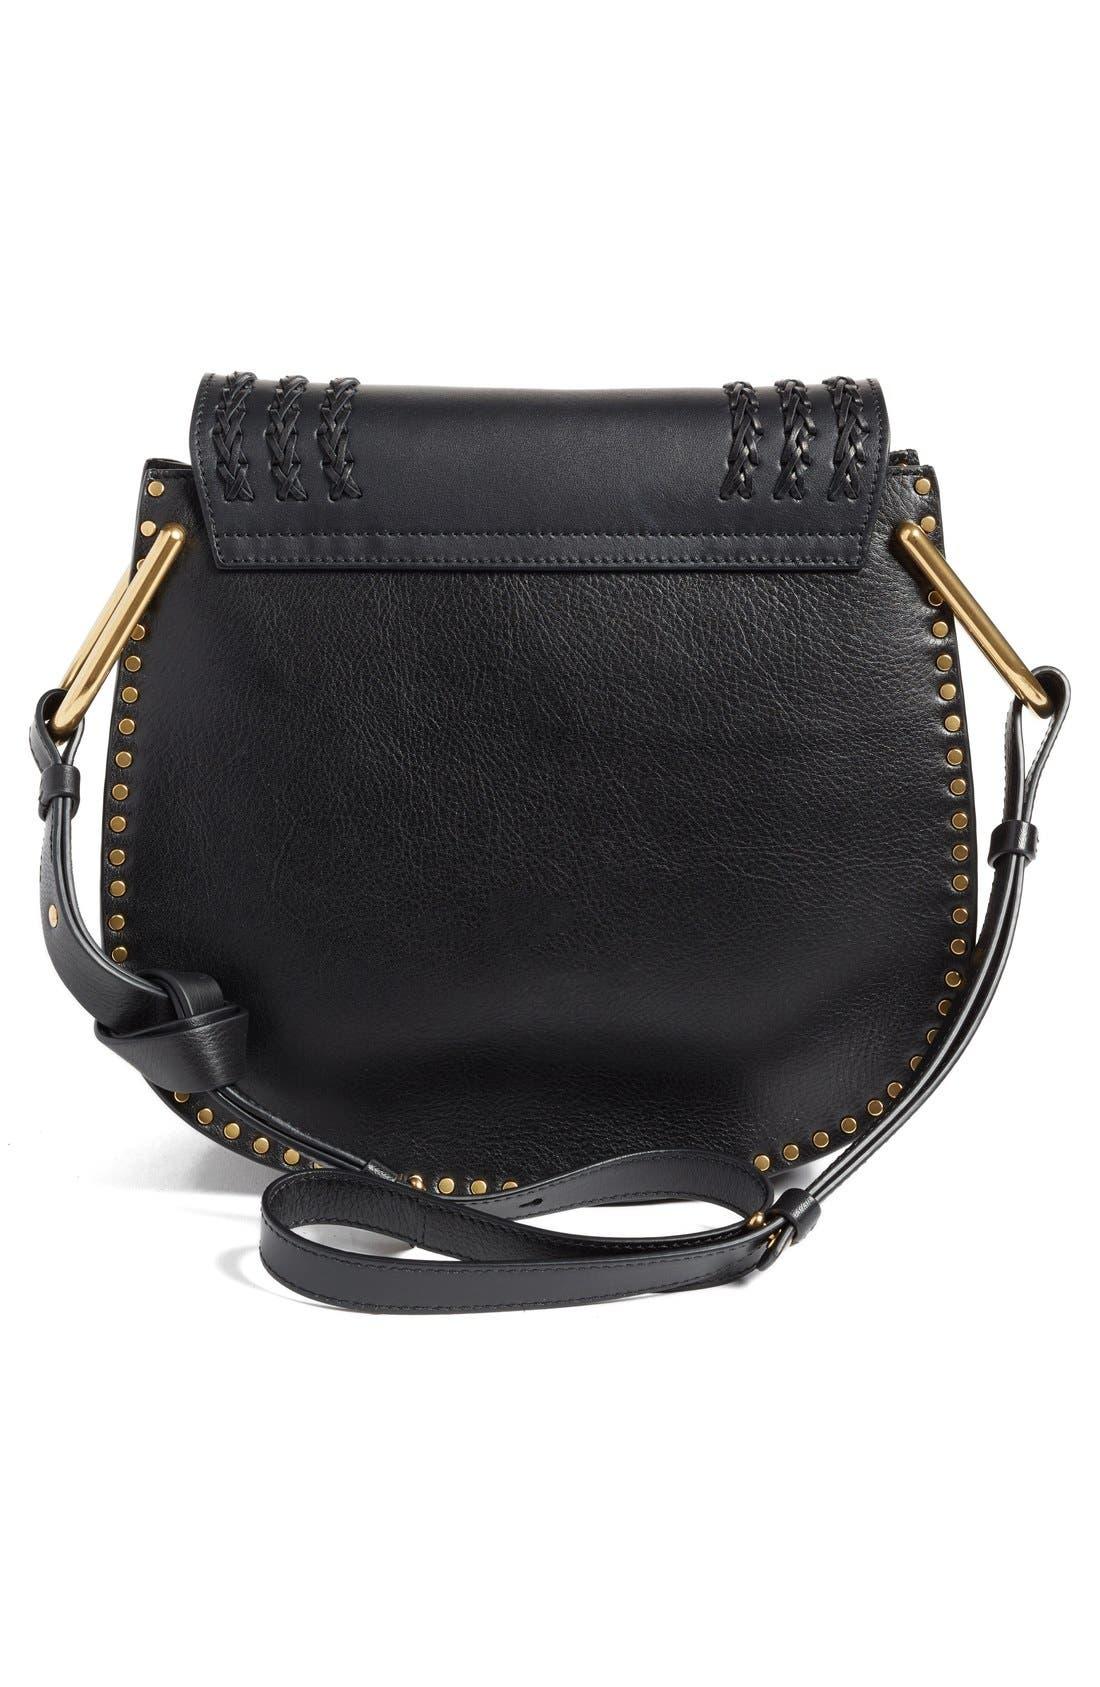 Alternate Image 3  - Chloé 'Medium Hudson' Tassel Leather Shoulder Bag